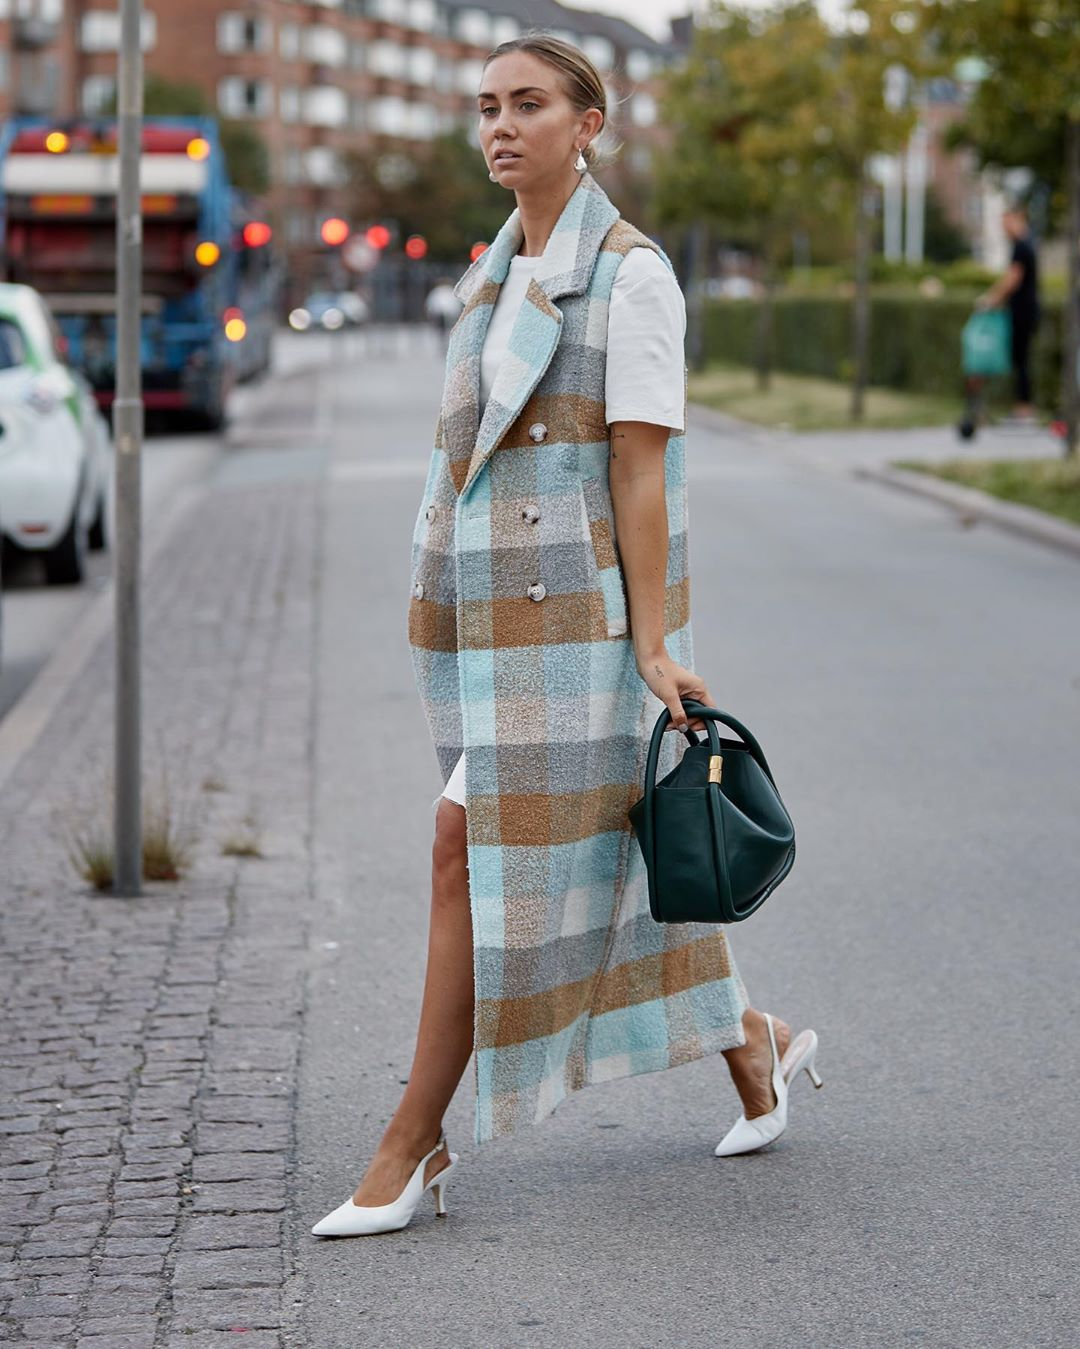 Fashionista mặc áo khoác kẻ ô vuông đi giày cao gót trắng